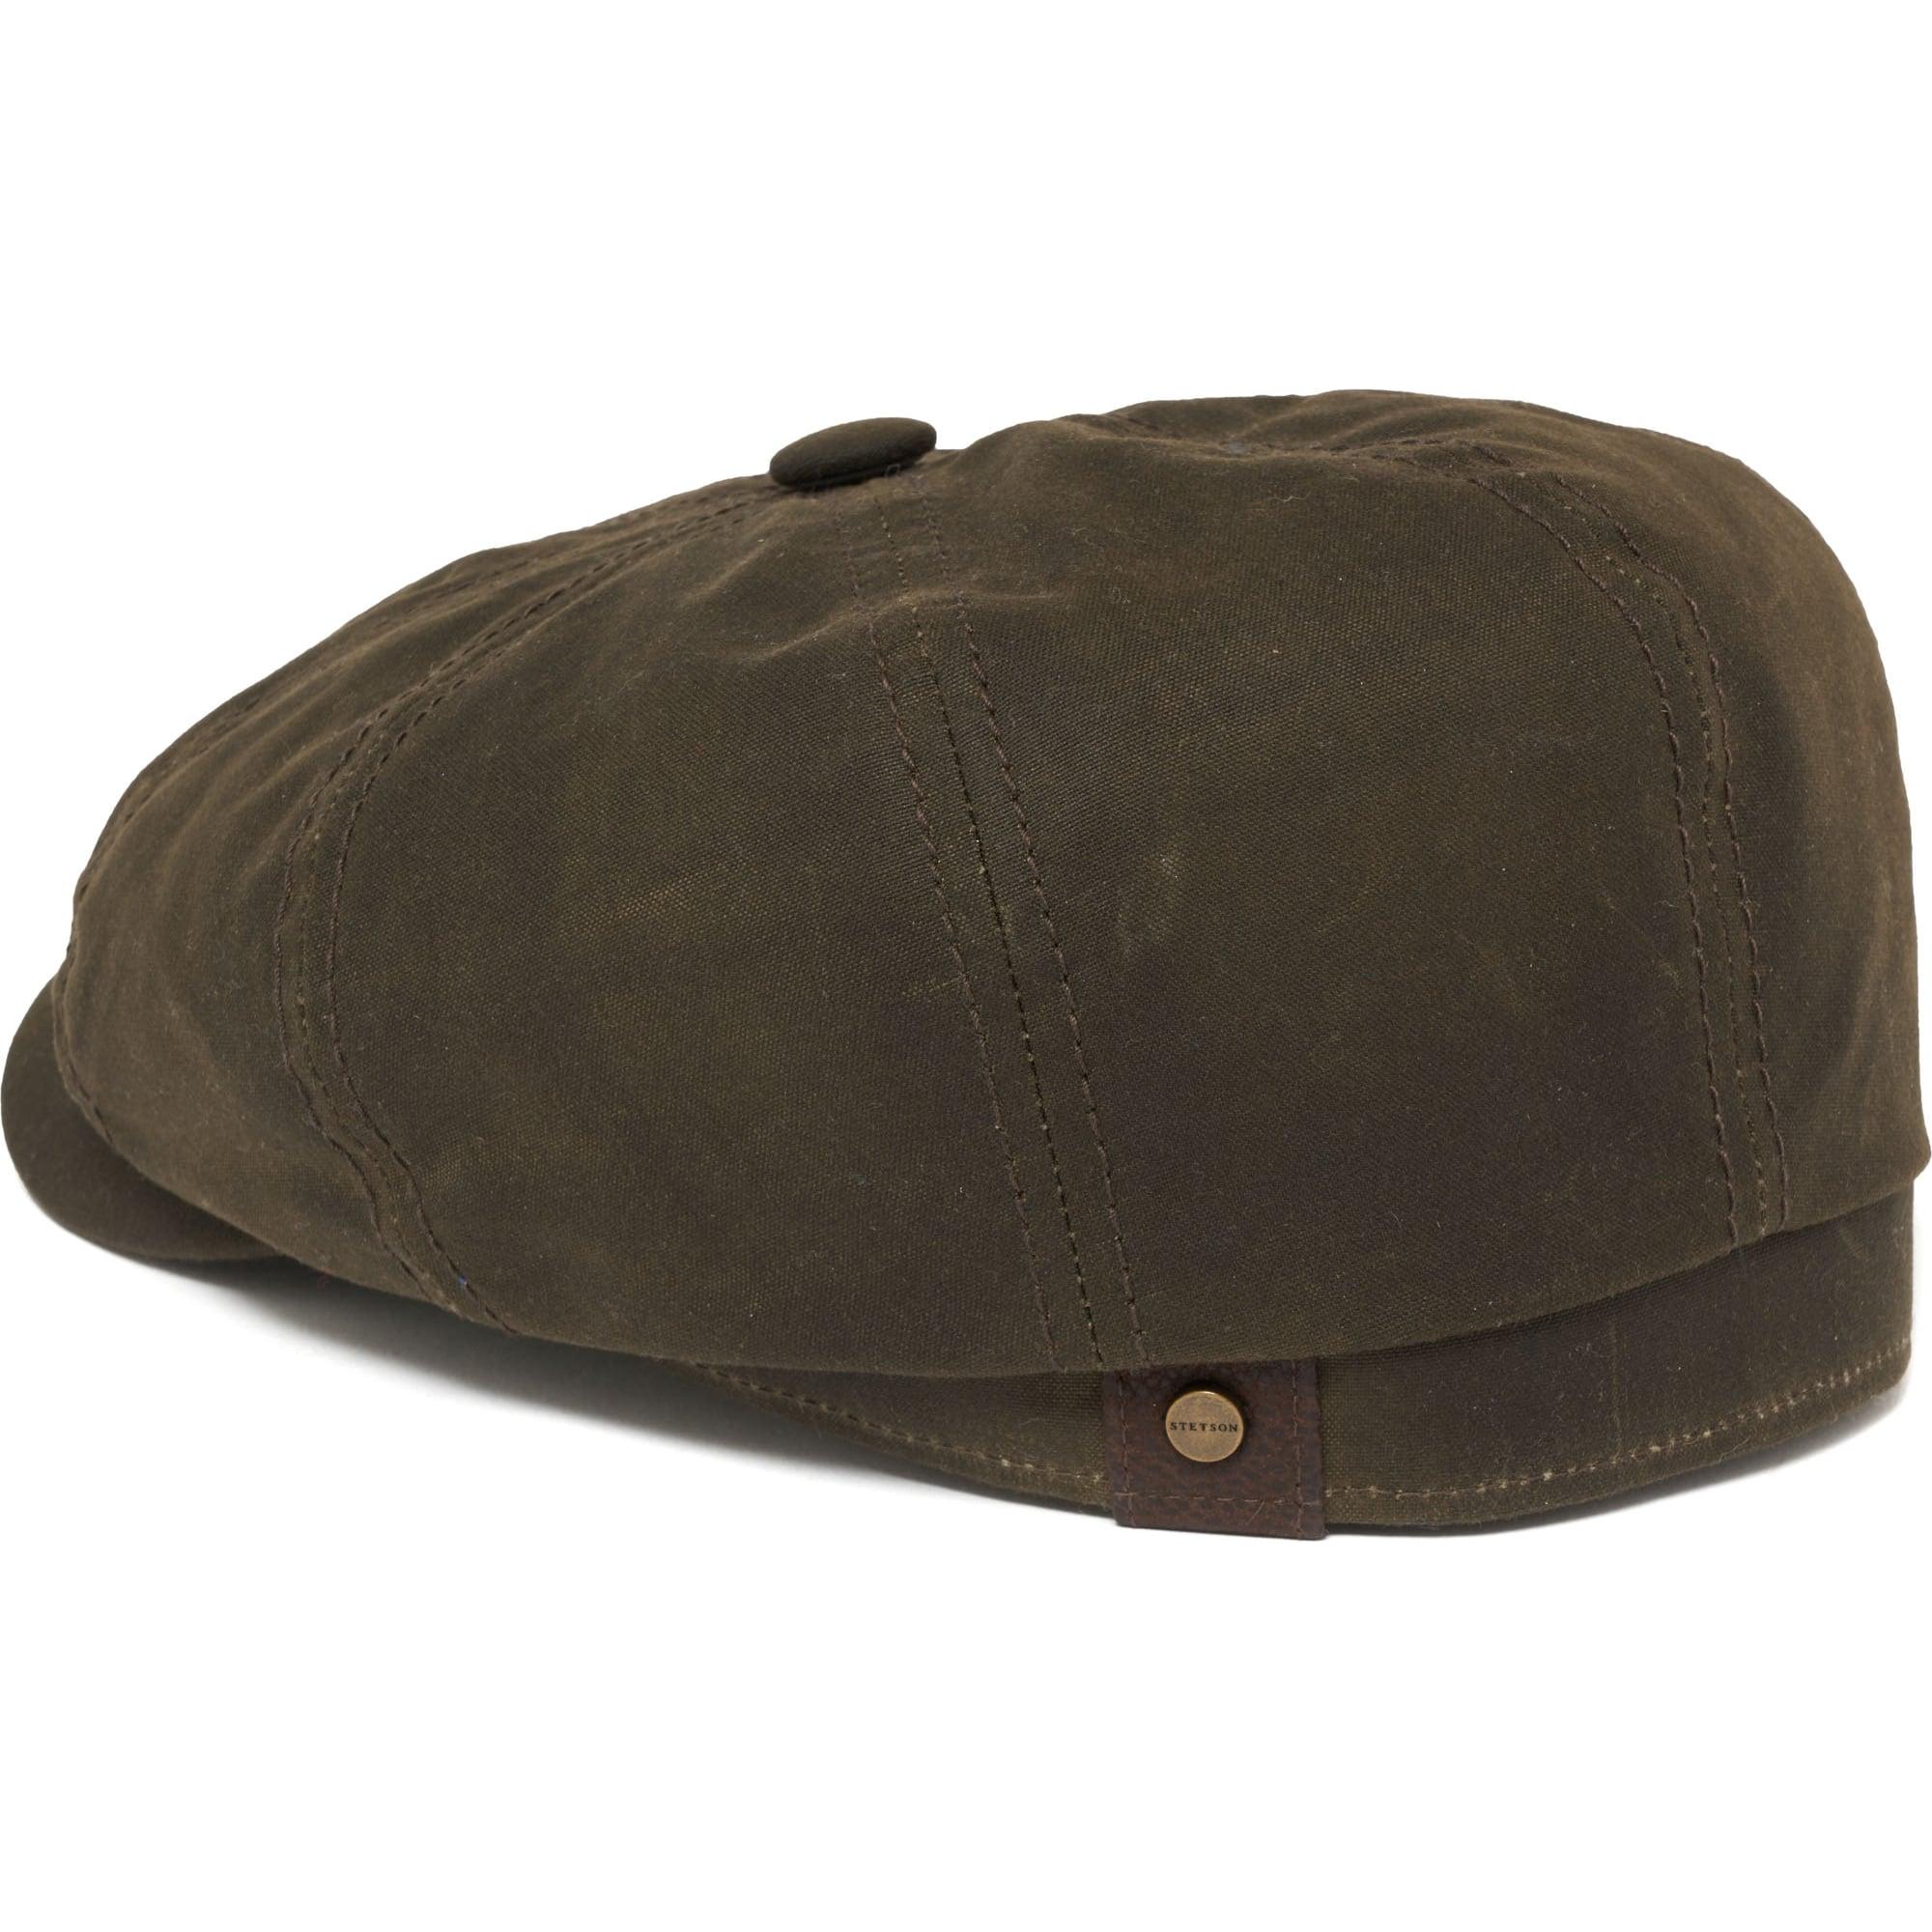 9f9827e840d3f Stetson Headwear Hatteras Waxed Newsboy Cap